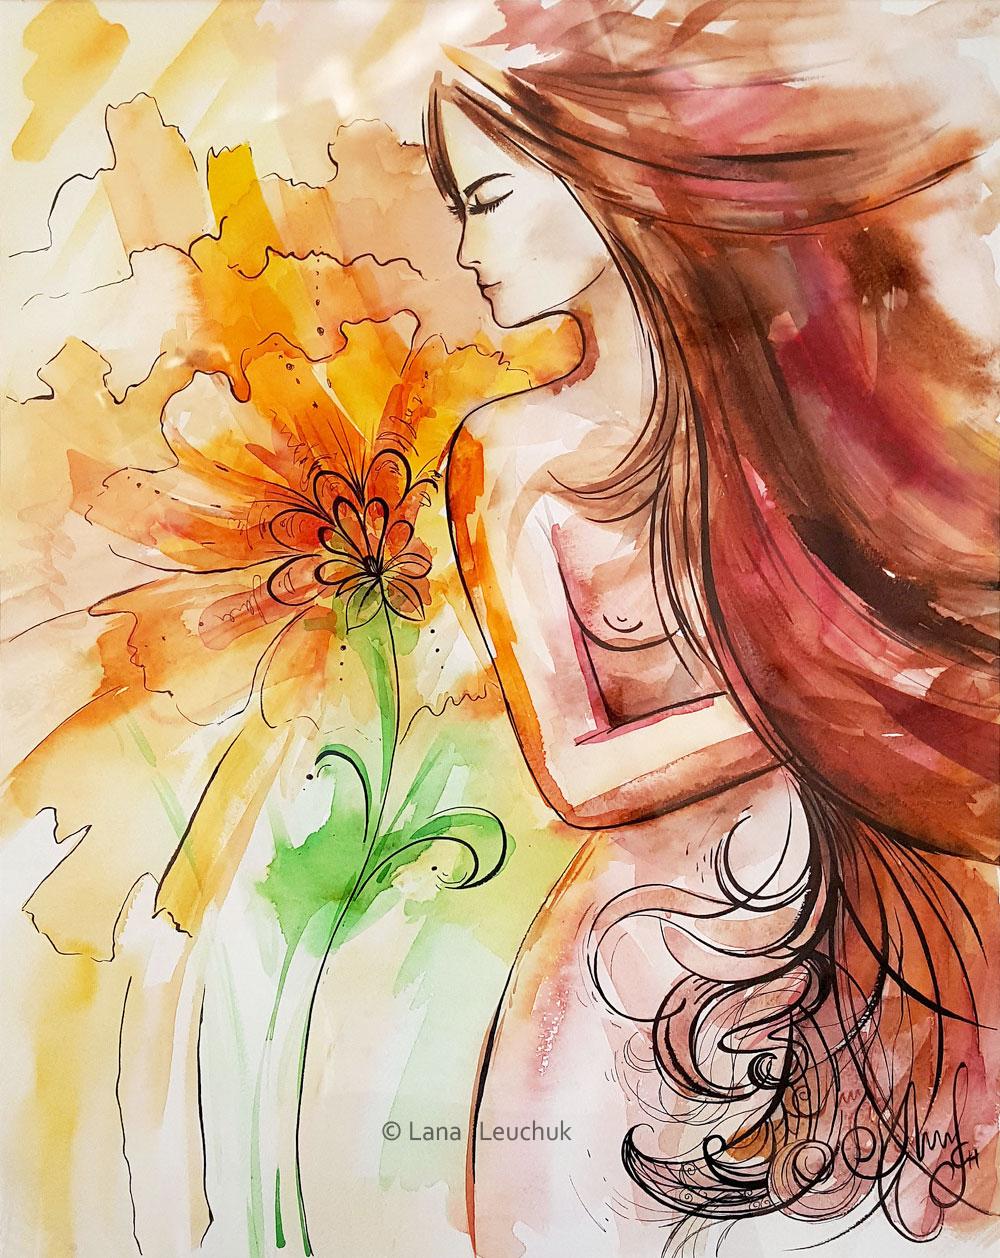 art-by-Lanagraphic-Femininity-mixed-media